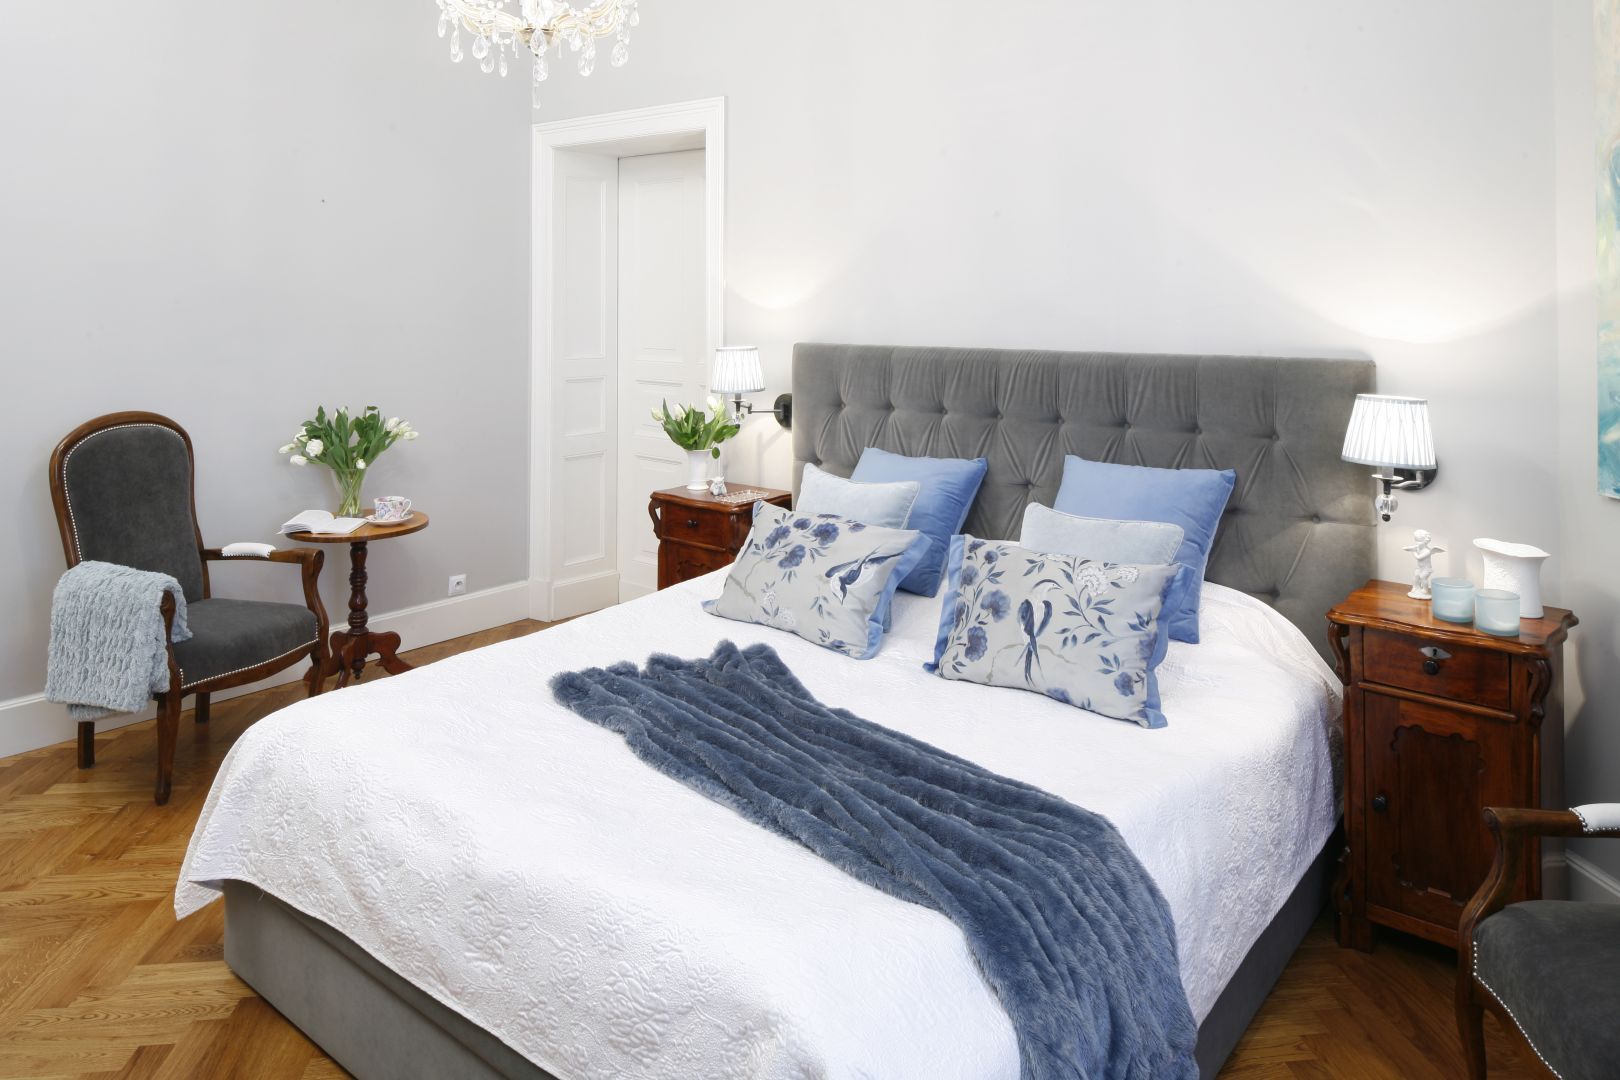 Łóżko z zagłówkiem tapicerowanym szarą tkaniną to ciekawy element wnętrza. Miękki zagłówek zapewnia także komfort podczas chwili z książką. Projekt: Iwona Kurkowska. Fot. Bartosz Jarosz